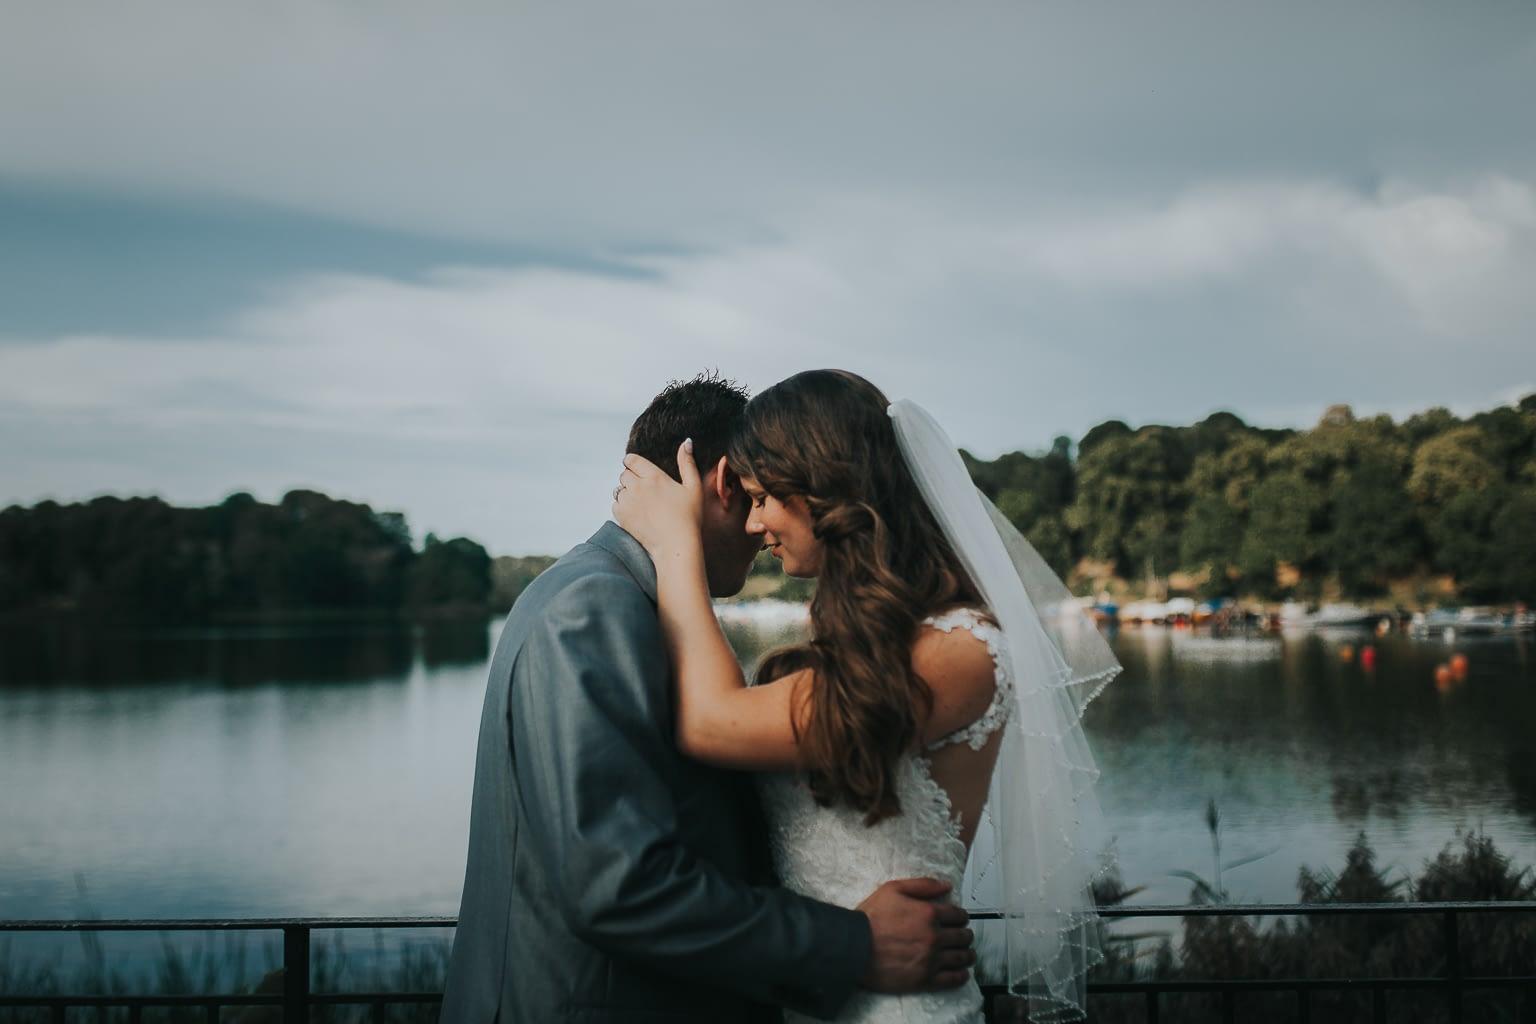 seance de portrait juste maries dans u lac